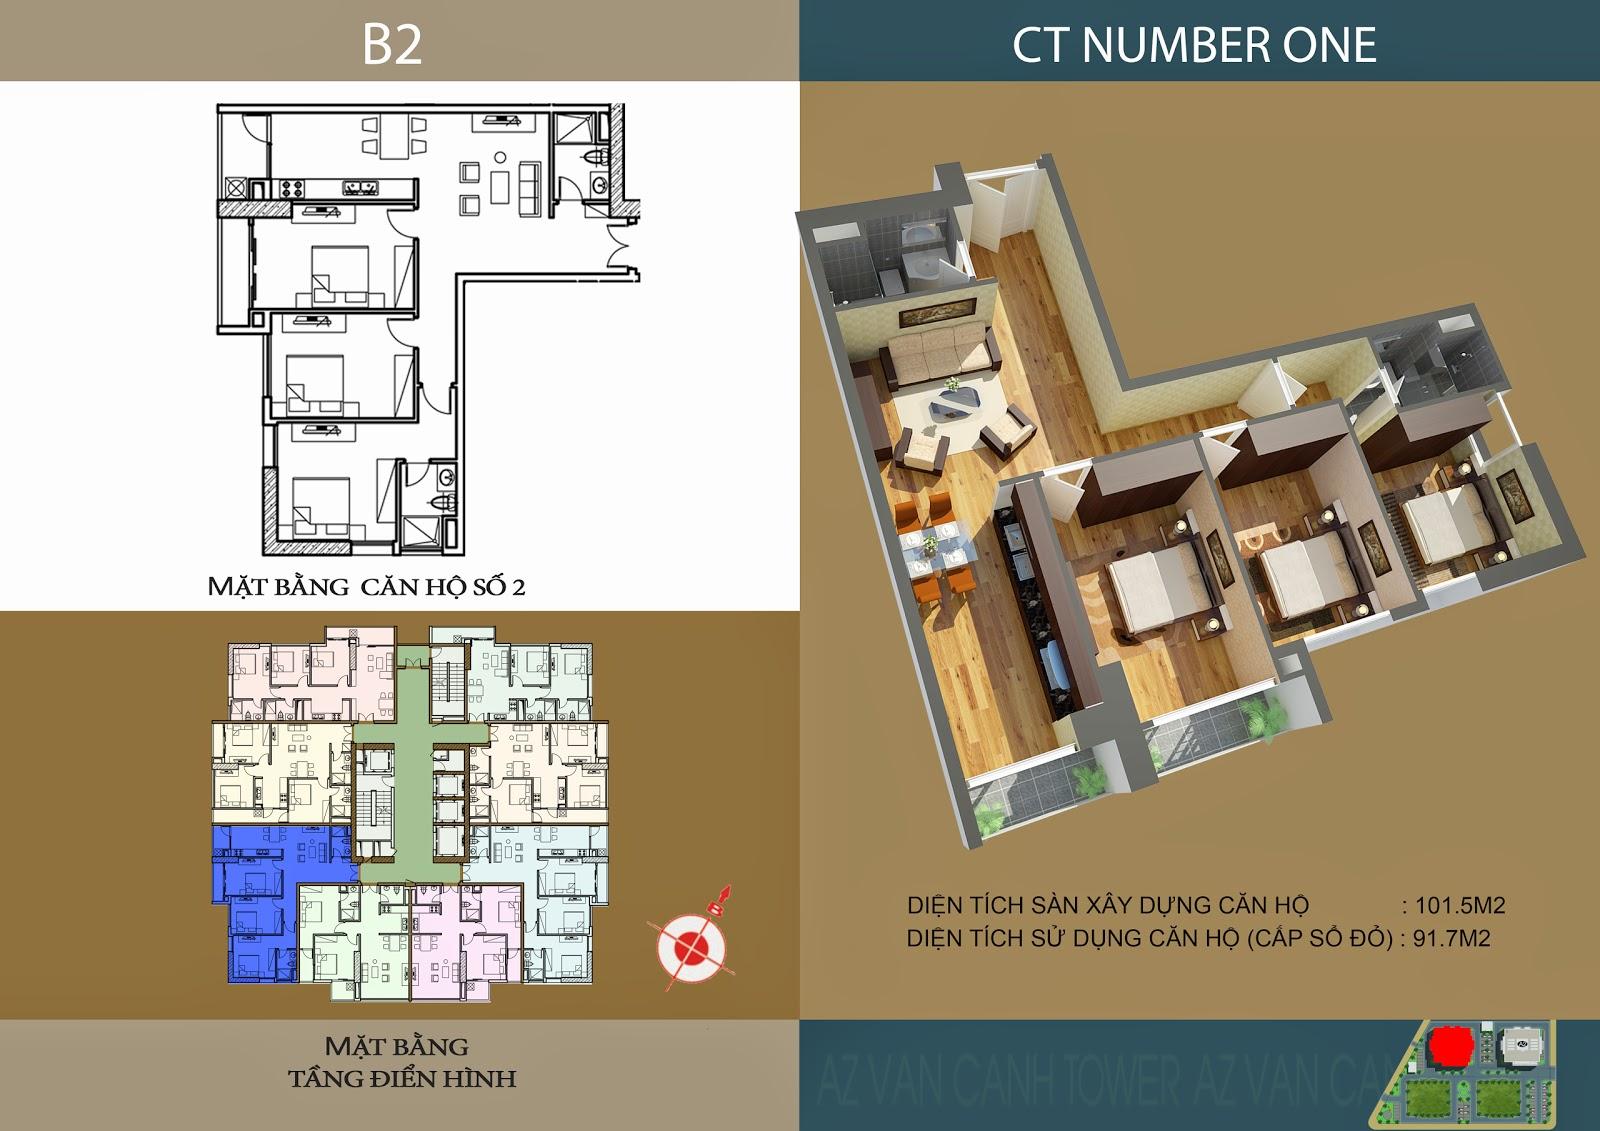 Căn số 2 - Diện tích 101.5m2 tại tòa B2 Chung cư CT Number One